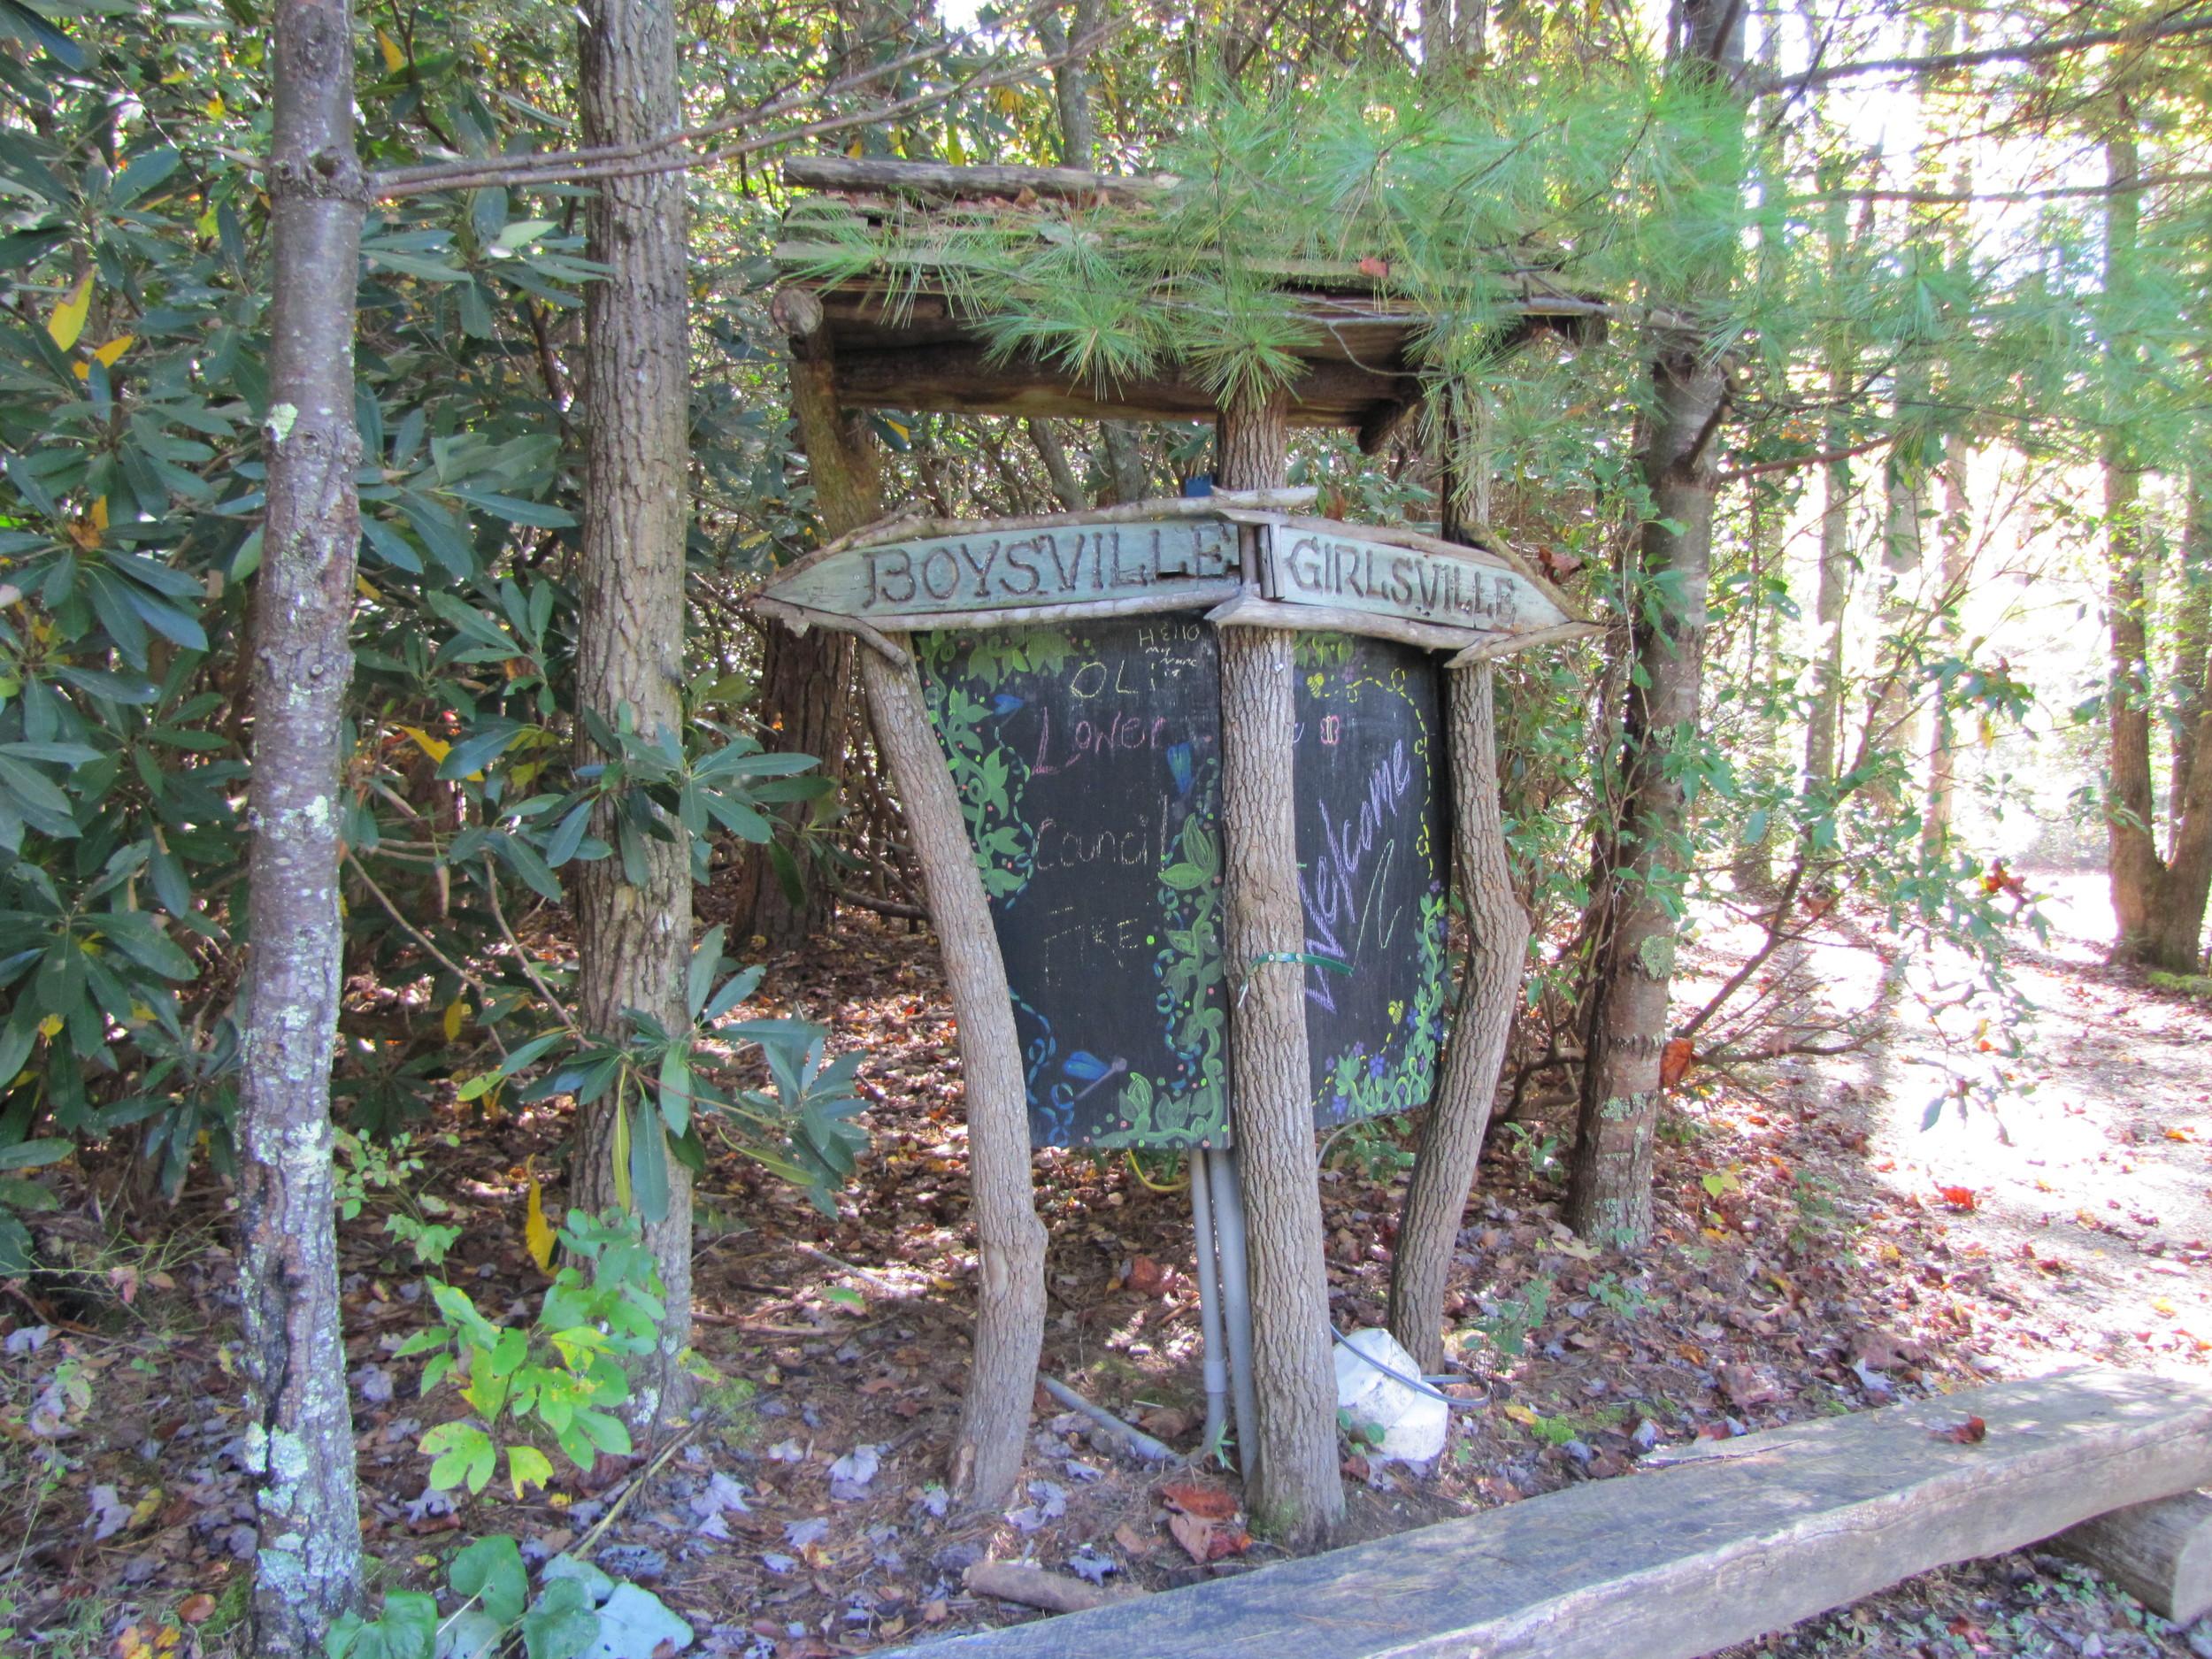 Announcement Black Boards Green River Preserve